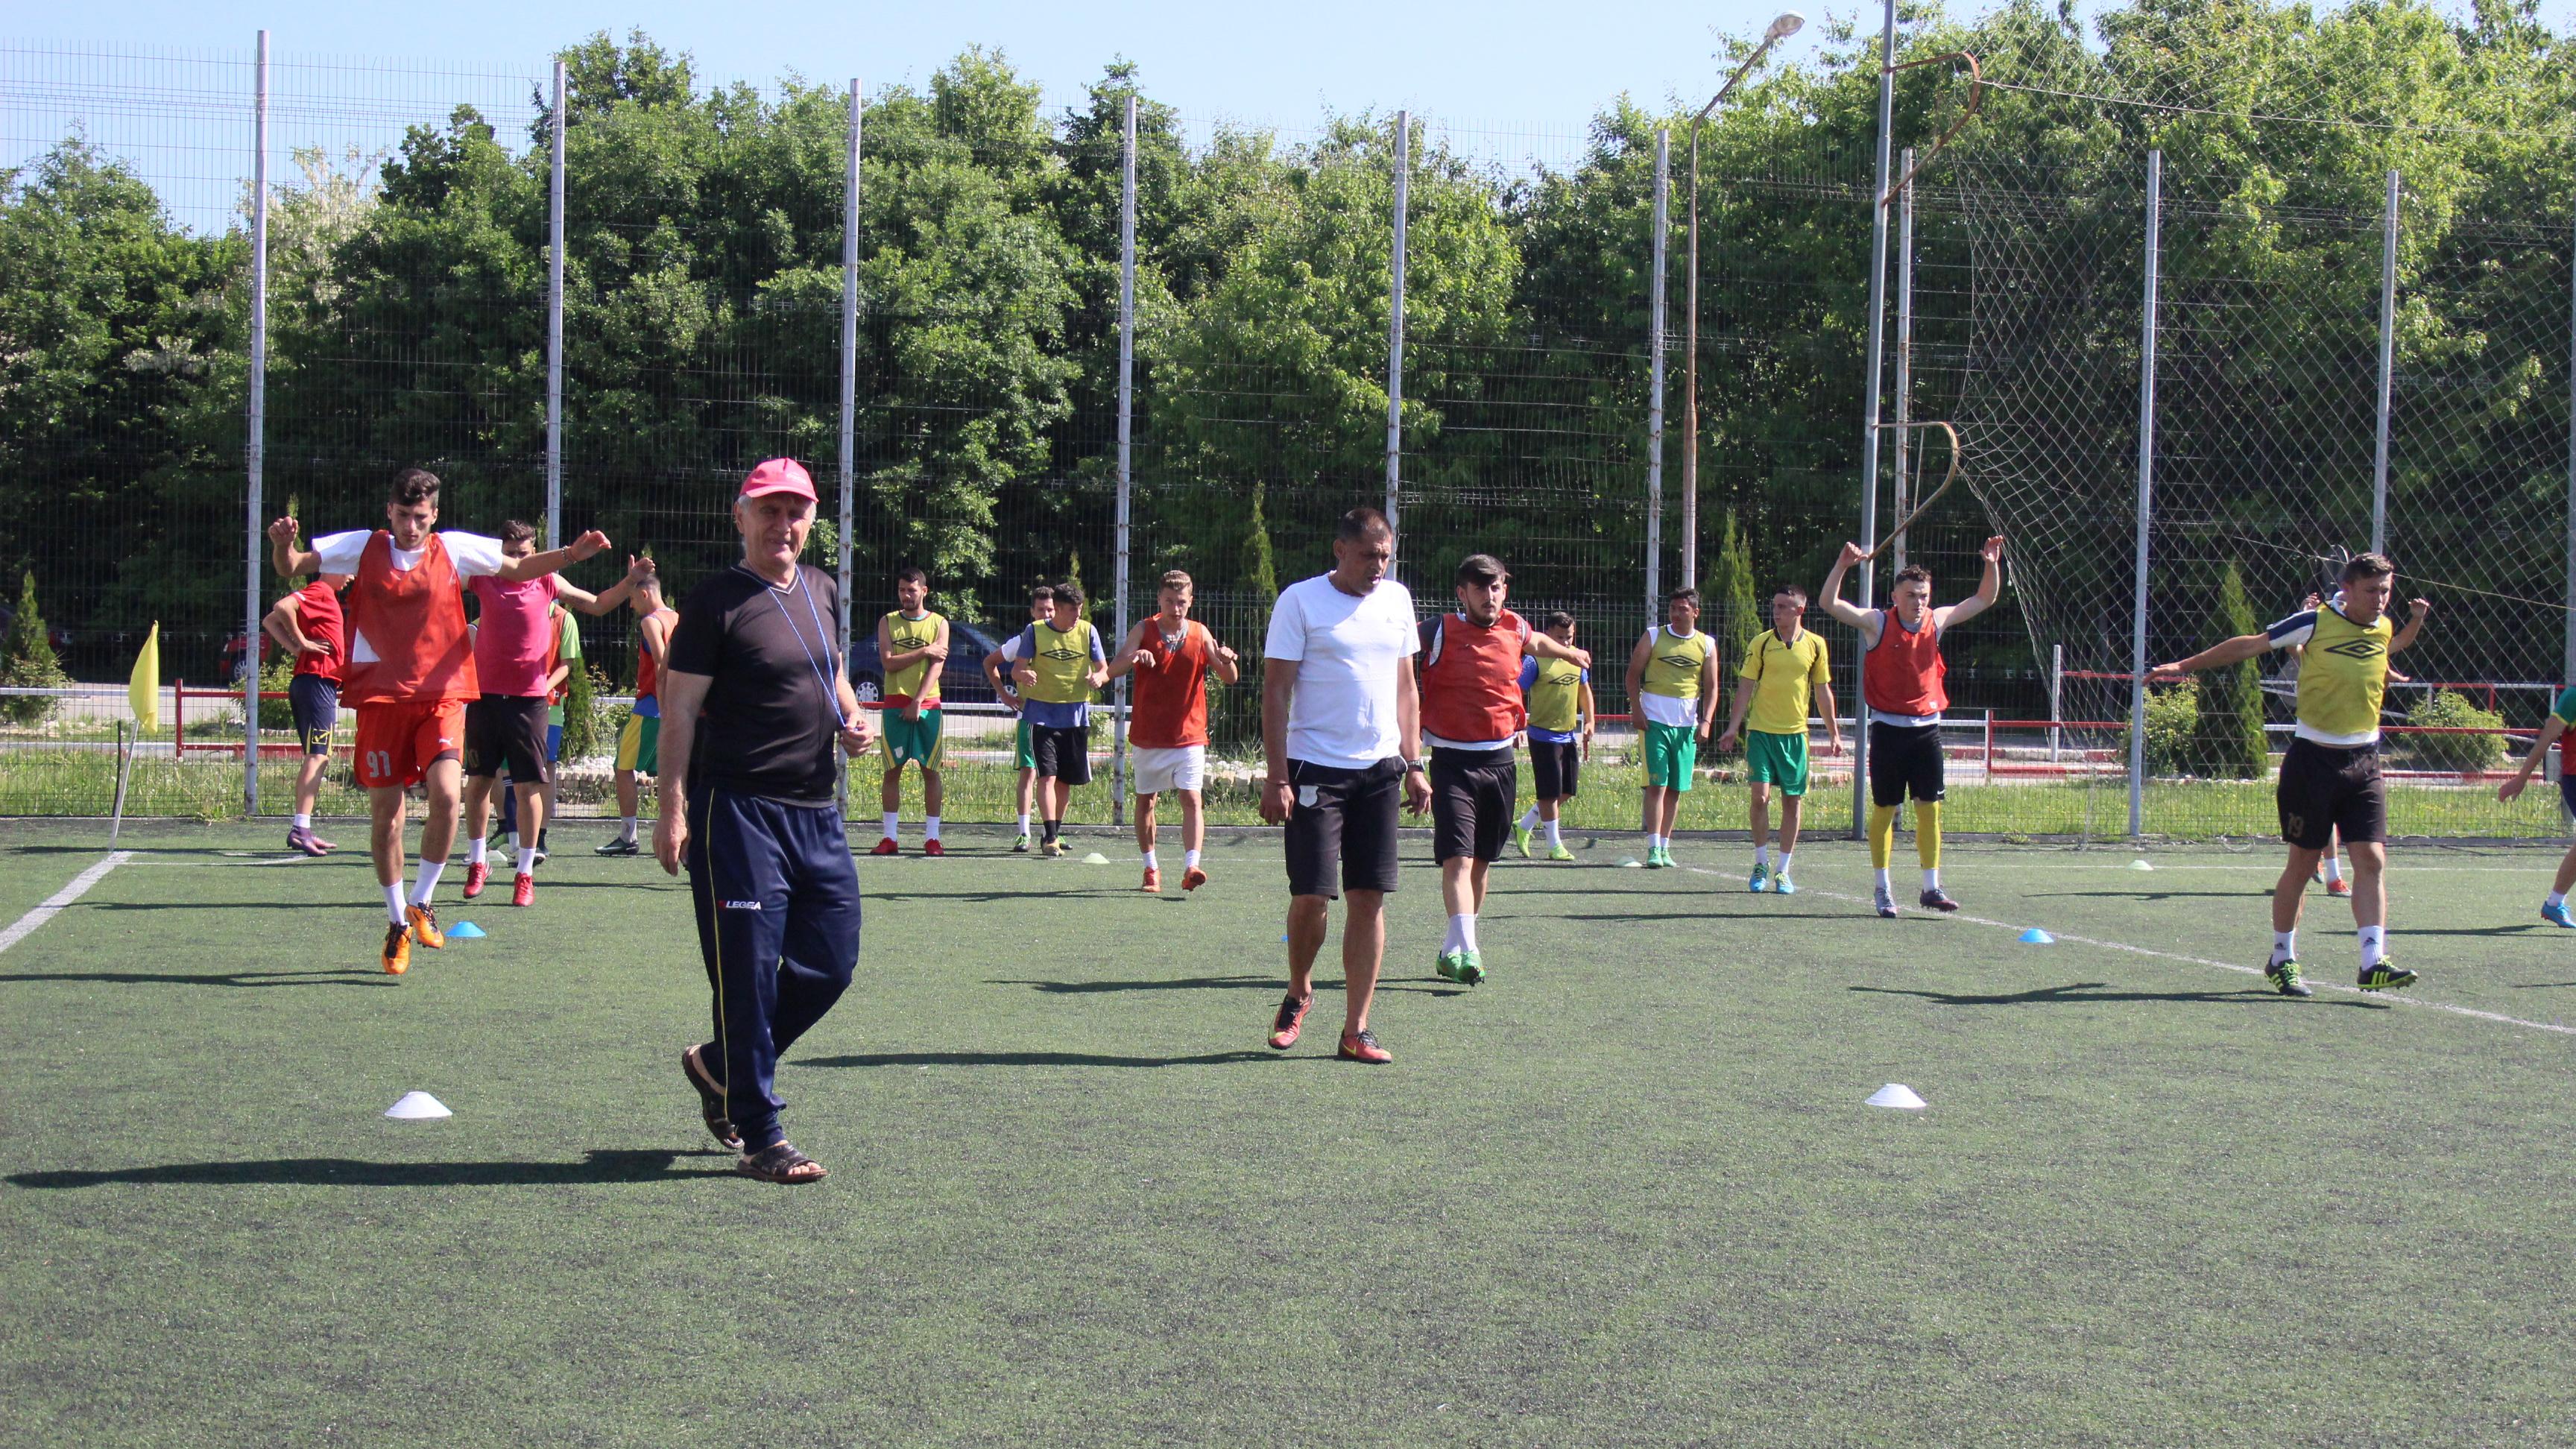 cs-mioveni-u-19-antrenament-5-mai-2018 (1)